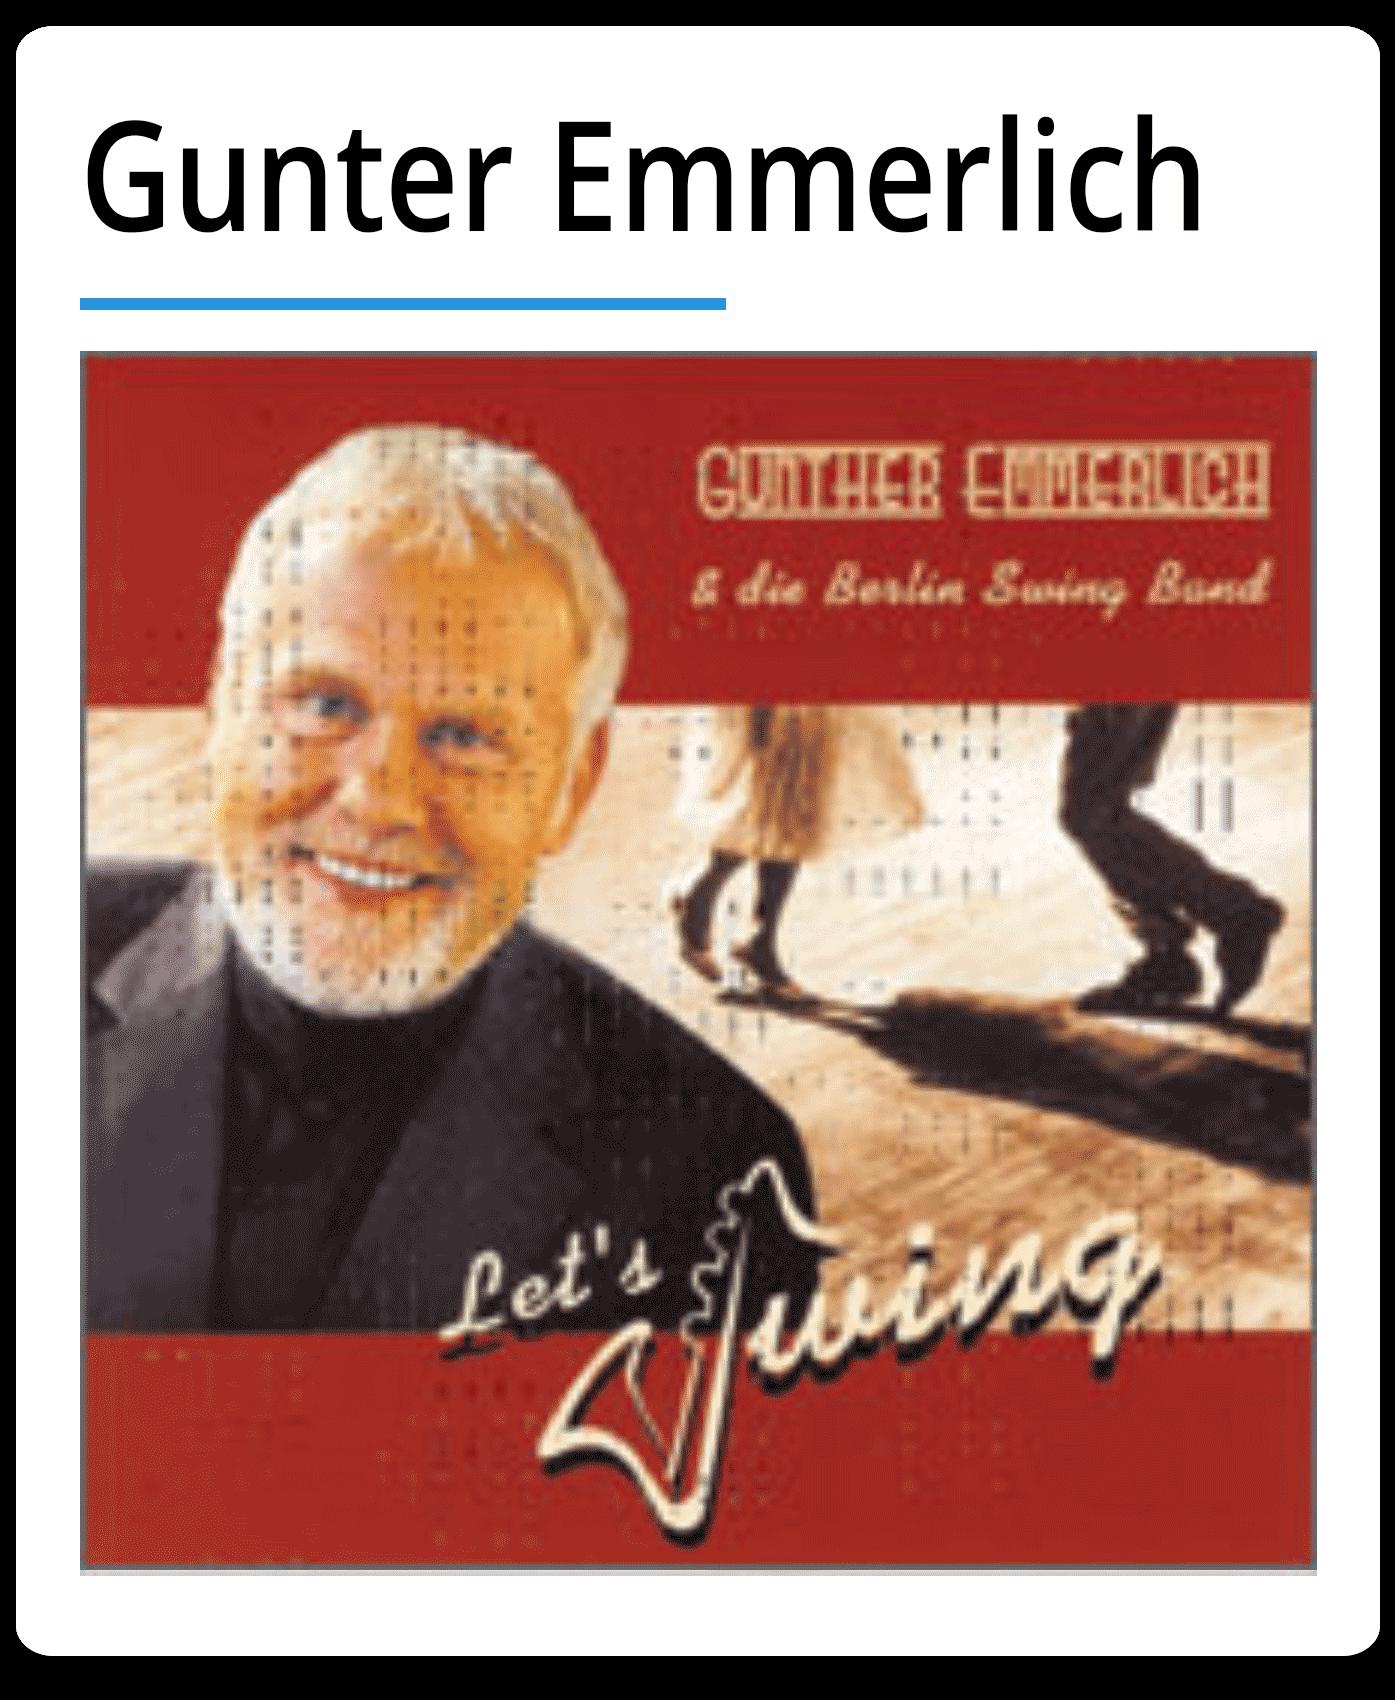 Gunter Emmerlich